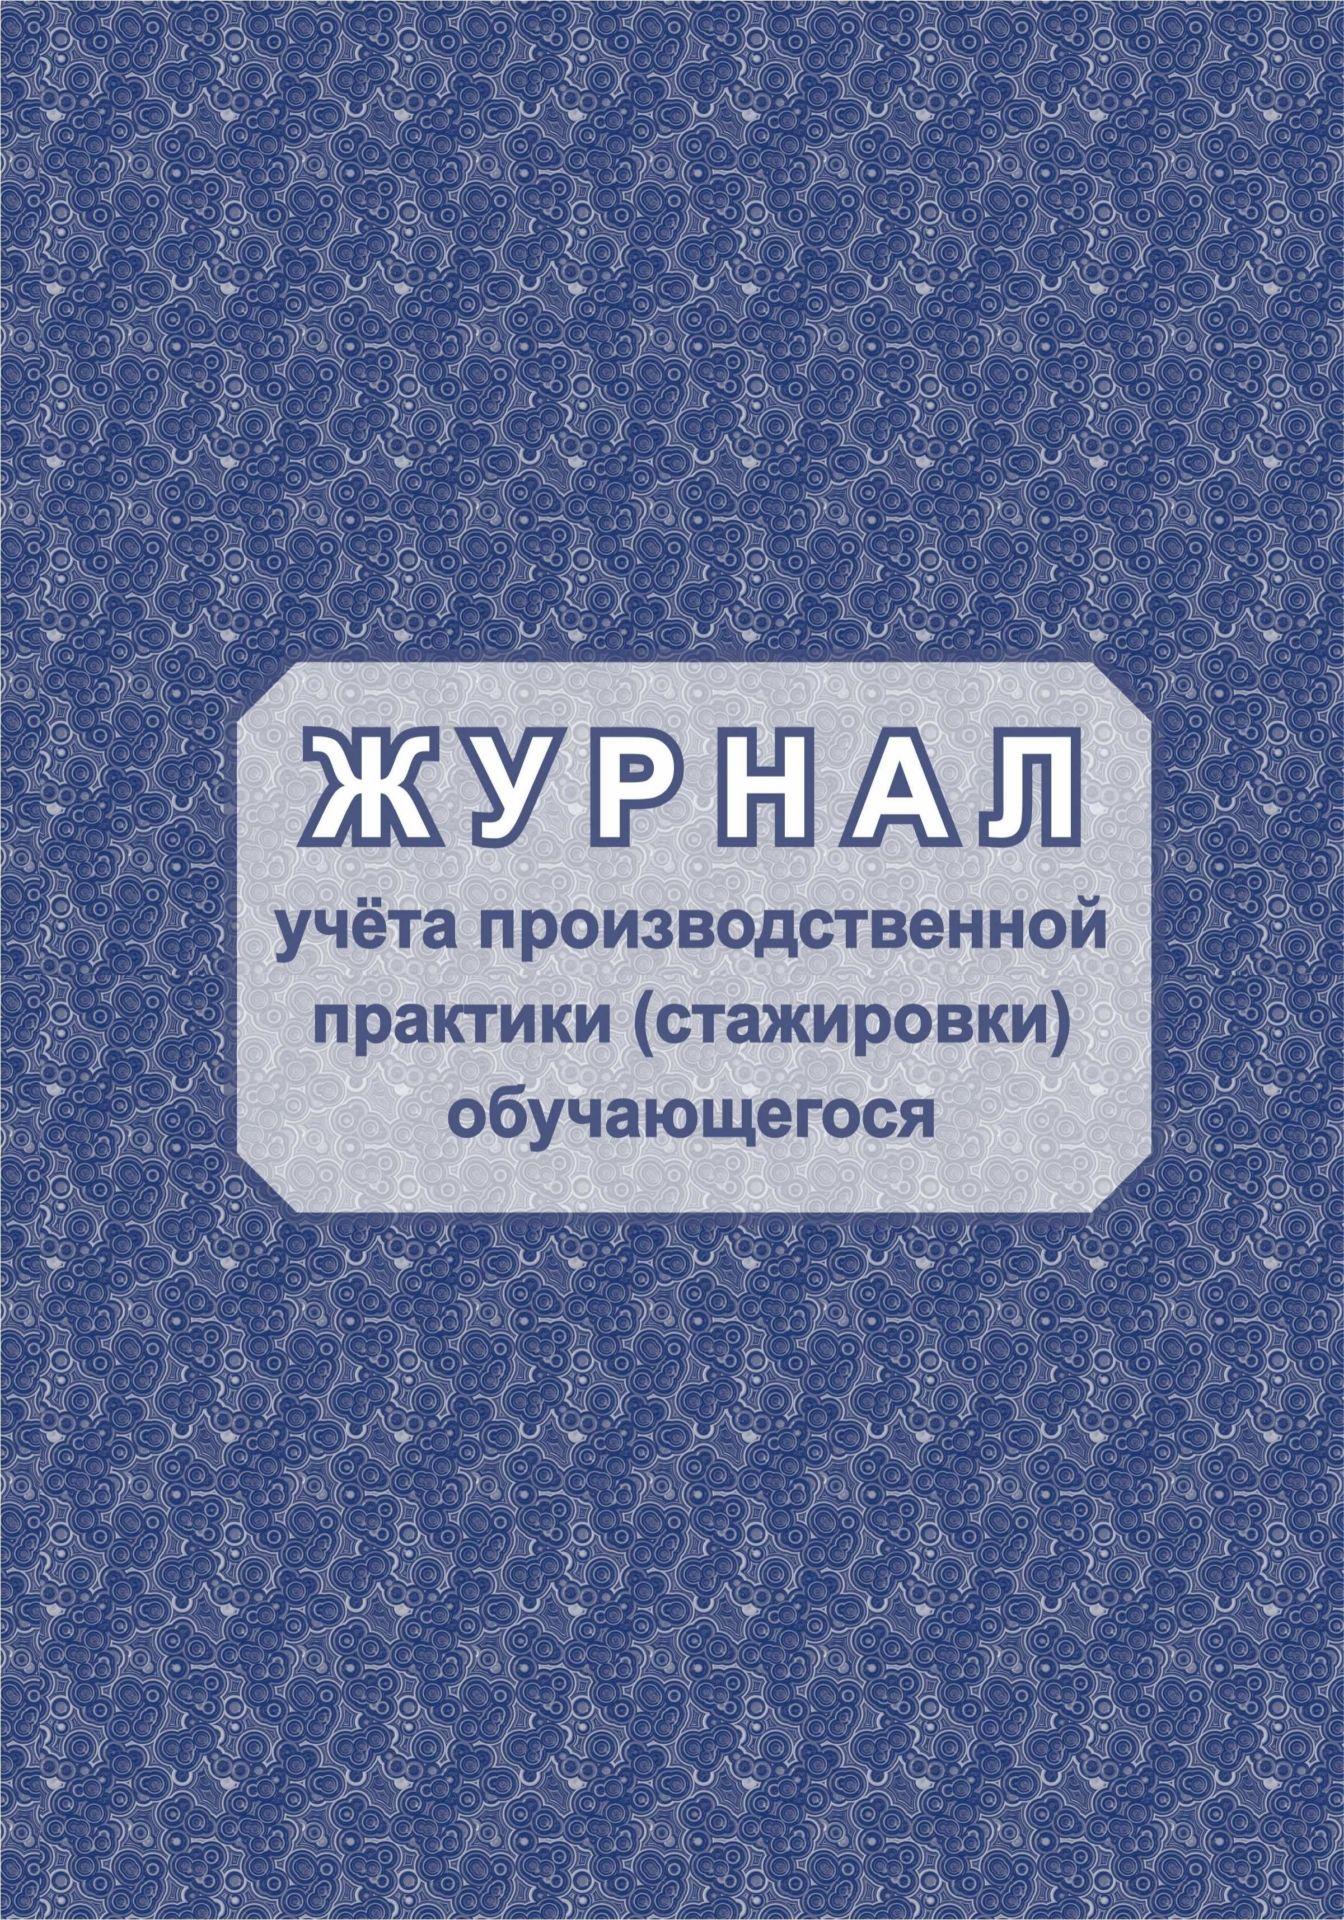 Журнал учёта производственной практики (стажировки) обучающегося